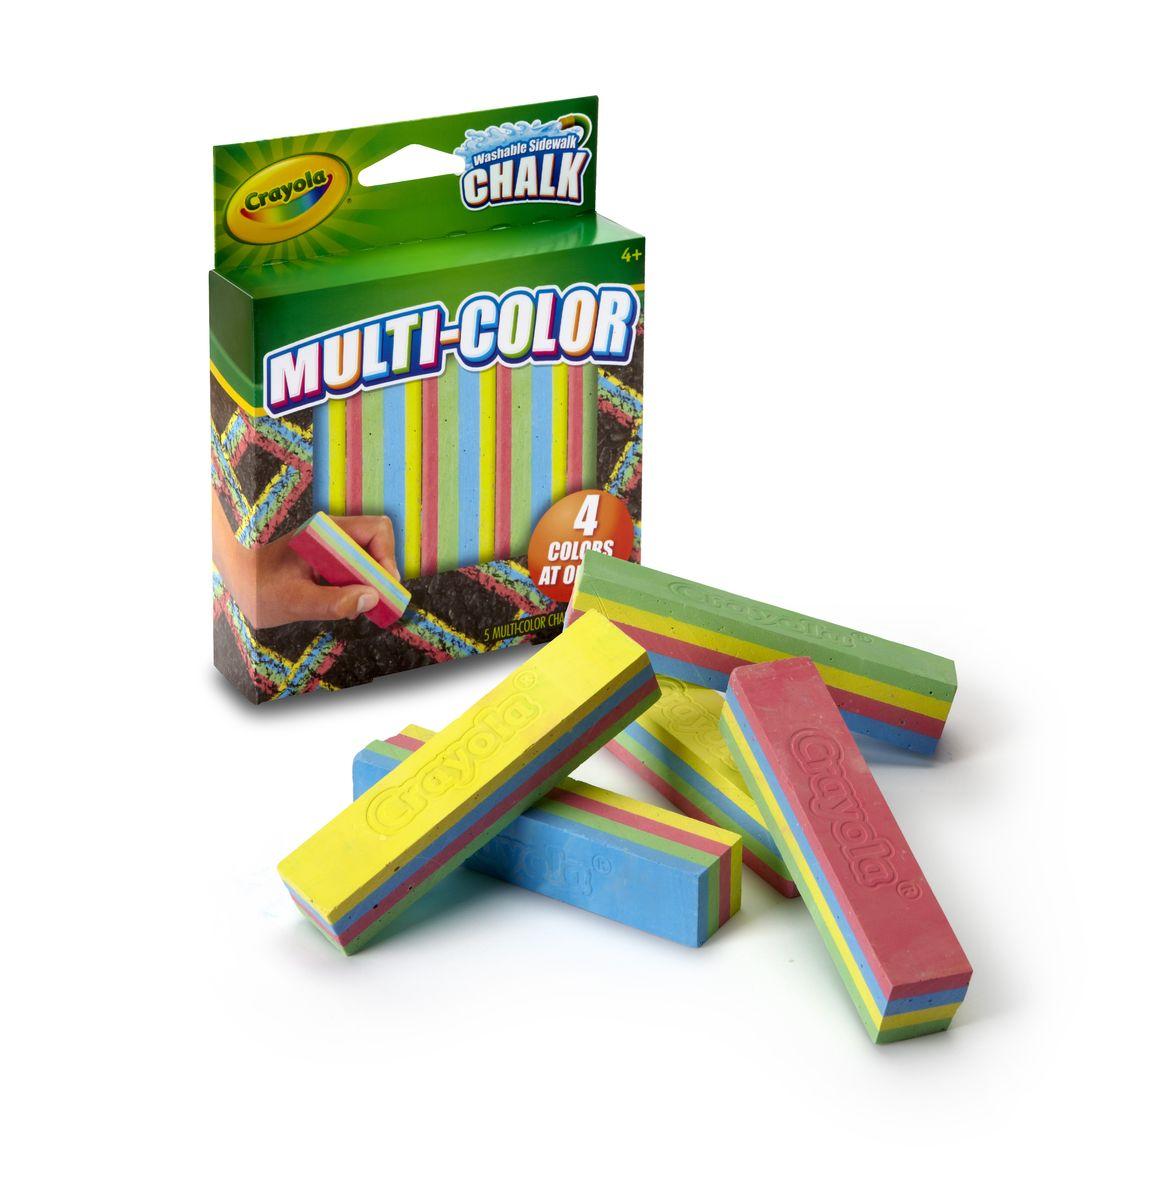 Crayola Мел для асфальта многоцветный, 5 цветов03-5805CСоздавай уникальные шедевры прямо на асфальте с новыми мелками Crayola! @# Эксклюзивные мелки Crayola сочетают сразу 4 цвета в одном кусочке. Рисуй одновременно зелёным, жёлтым, синим и розовым цветом! Качественными мелками легко создать яркий неповторимый рисунок. В коробке 5 четырёхцветных прочных мелков высокого качества. Они не расколются и не поломаются при случайном падении или от сильного нажима. @# Мелки для асфальта Crayola разработаны для детей от 4 лет. Создавая новые картины на асфальте, ребёнок развивает свои творческие навыки и воображение. Нарисуй радугу одним движением руки!